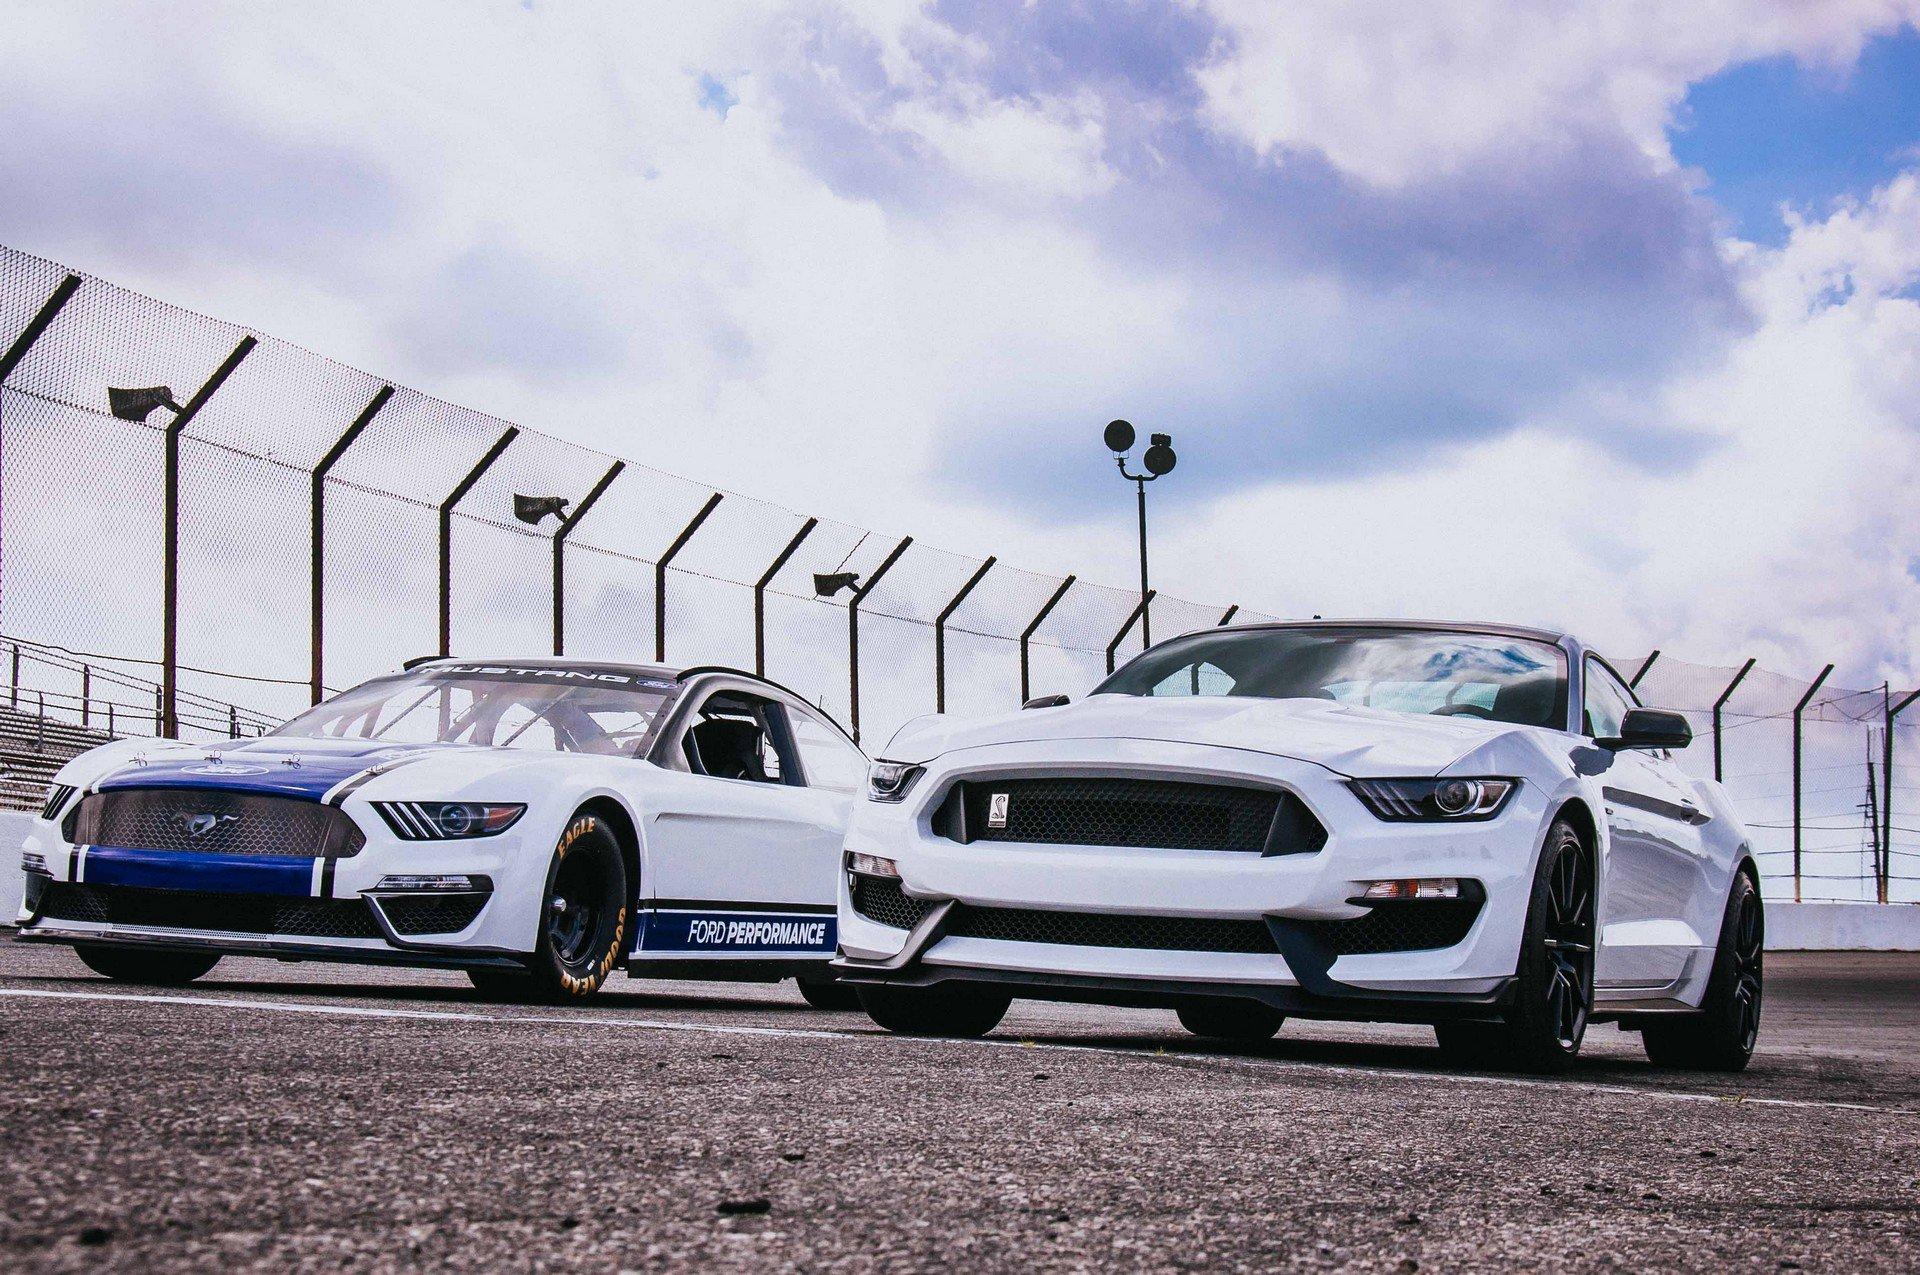 Ford Mustang Monster Energy NASCAR 2019 3